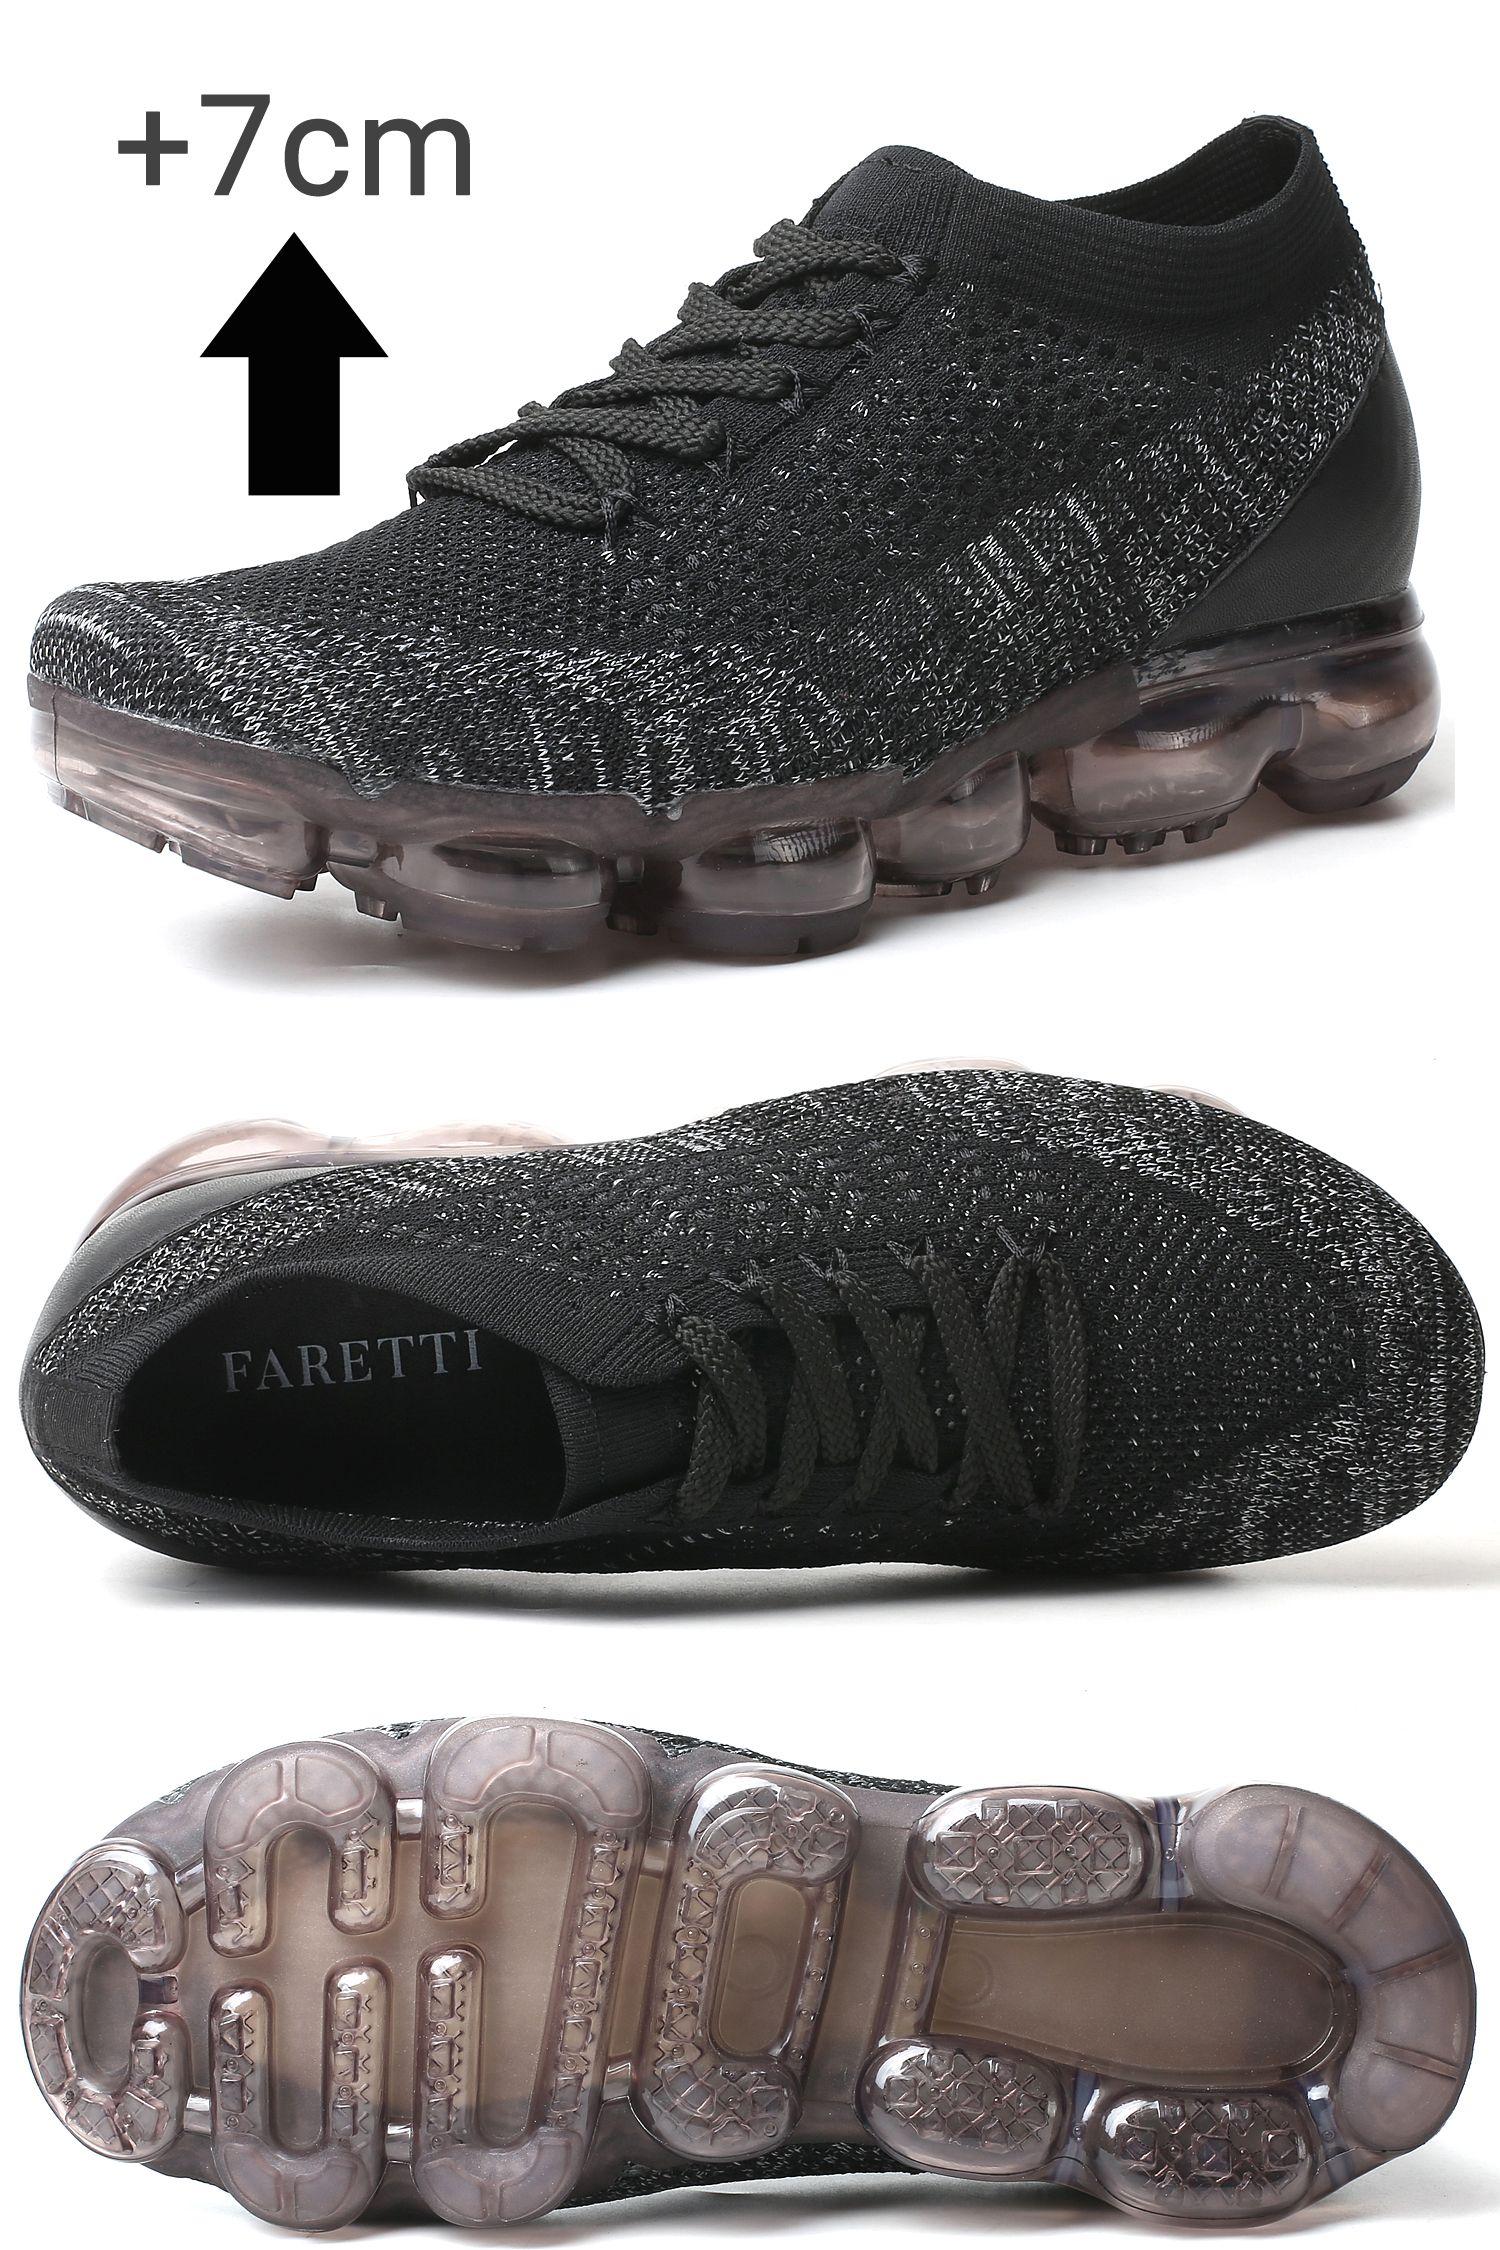 Sportowe Buty Podwyzszajace Meskie Ageno 7cm Wiecej Do Wzrostu All Black Sneakers Black Sneaker Shoes